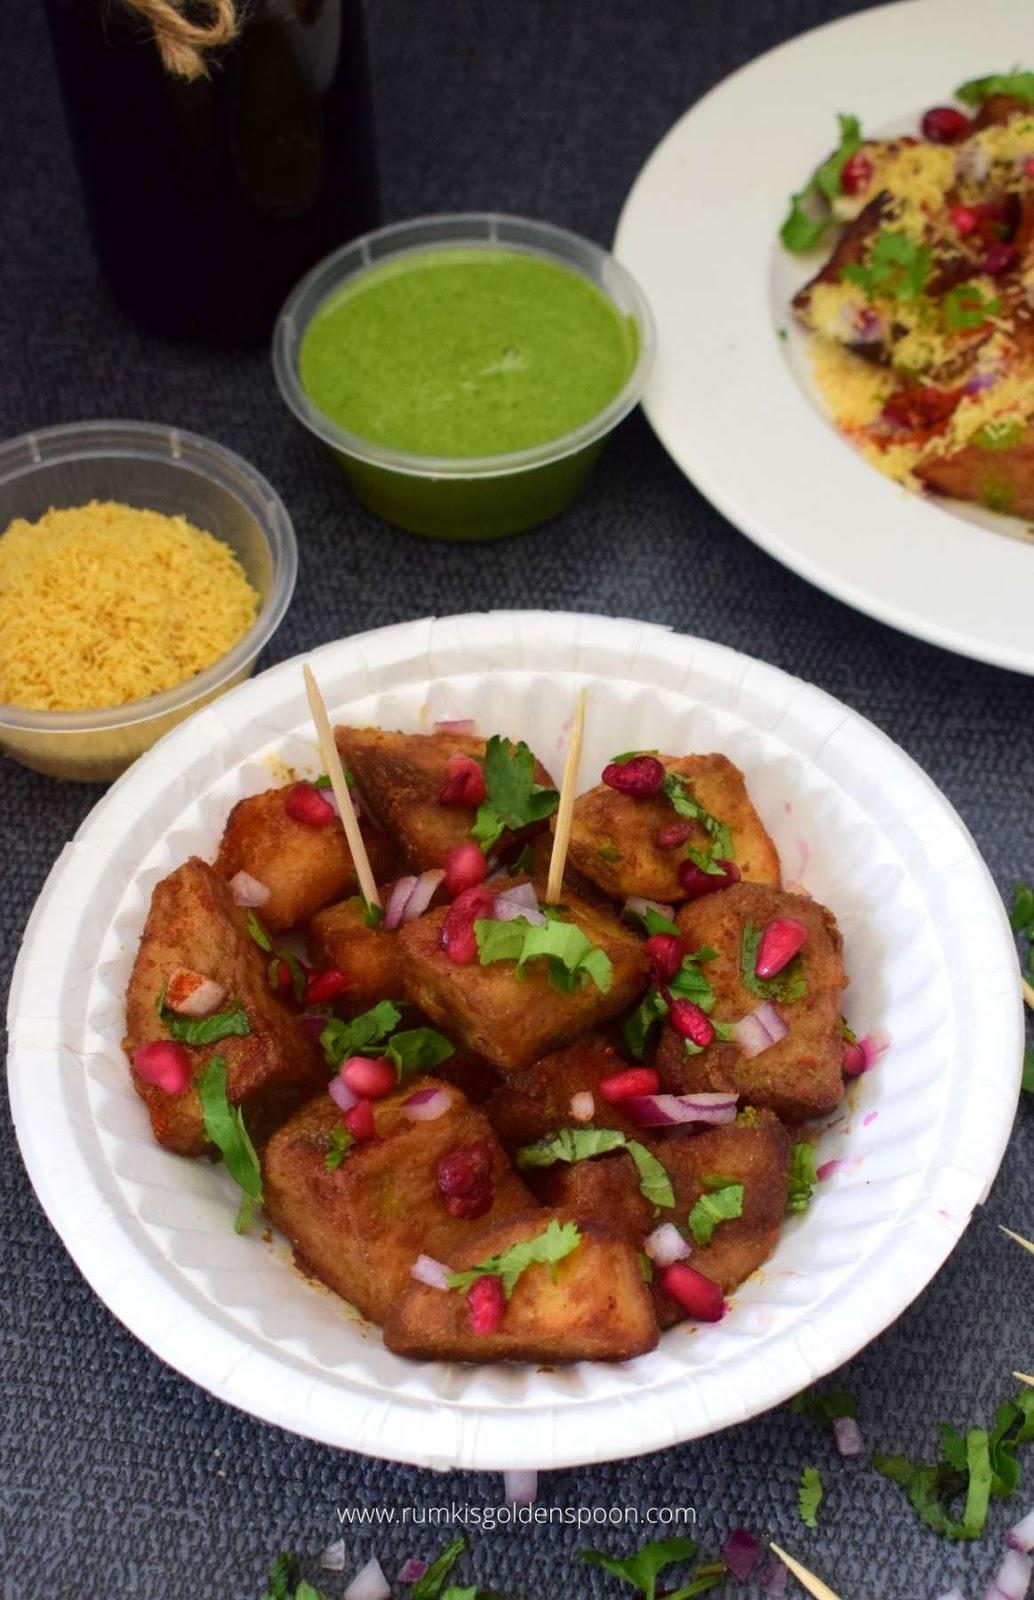 aloo chaat, aloo chaat recipe, recipe of aloo chaat, aloo chaat ki recipe, potato chaat, potato chaat recipe, delhi aloo chaat recipe, how to make potato chaat, spicy aloo chaat recipe, how to make aloo chaat, Indian chaat recipe, Indian chaat recipes, chaat recipe, recipe for chaat, recipes of chaat, chaat papdi recipe, chaat recipe Indian, indian street food, list of indian street food, recipes for Indian street food, recipes of Indian street food, best Indian street food recipes, Indian street food recipes, Indian snack recipe, Indian snack recipes, Indian snacks recipes for evening, Indian snacks easy recipes, Rumki's Golden Spoon